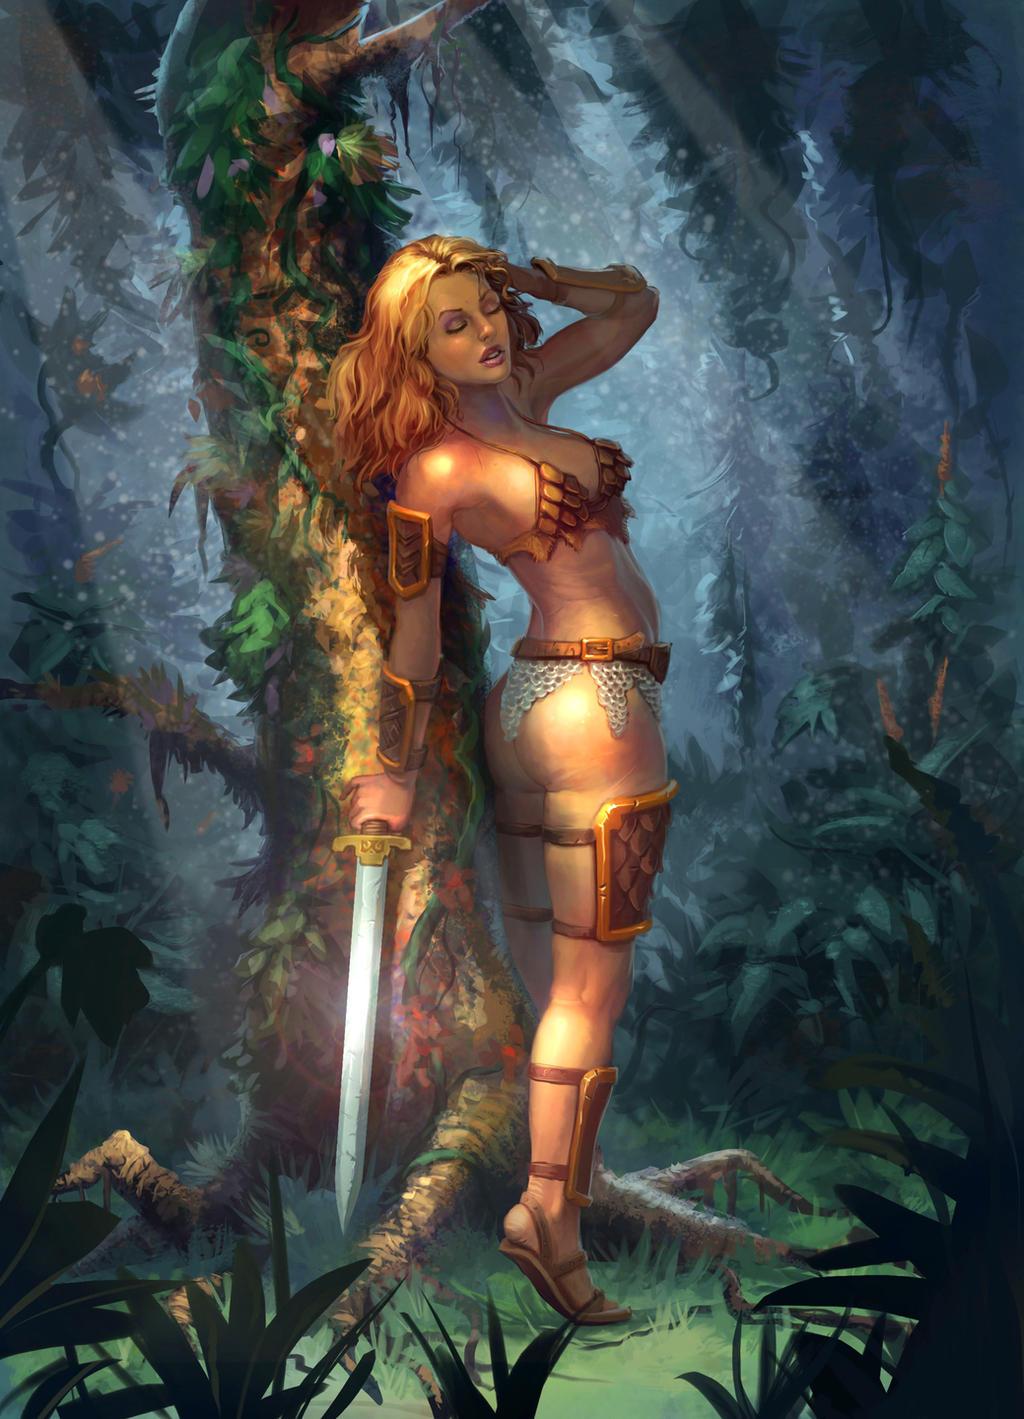 Warrior woman by JordanKerbow